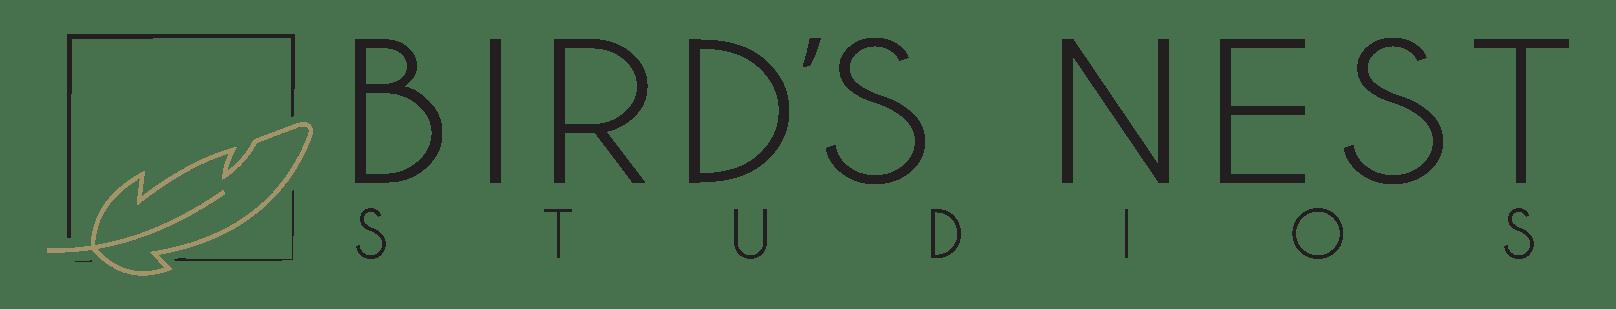 Bird's Nest Studios Logo